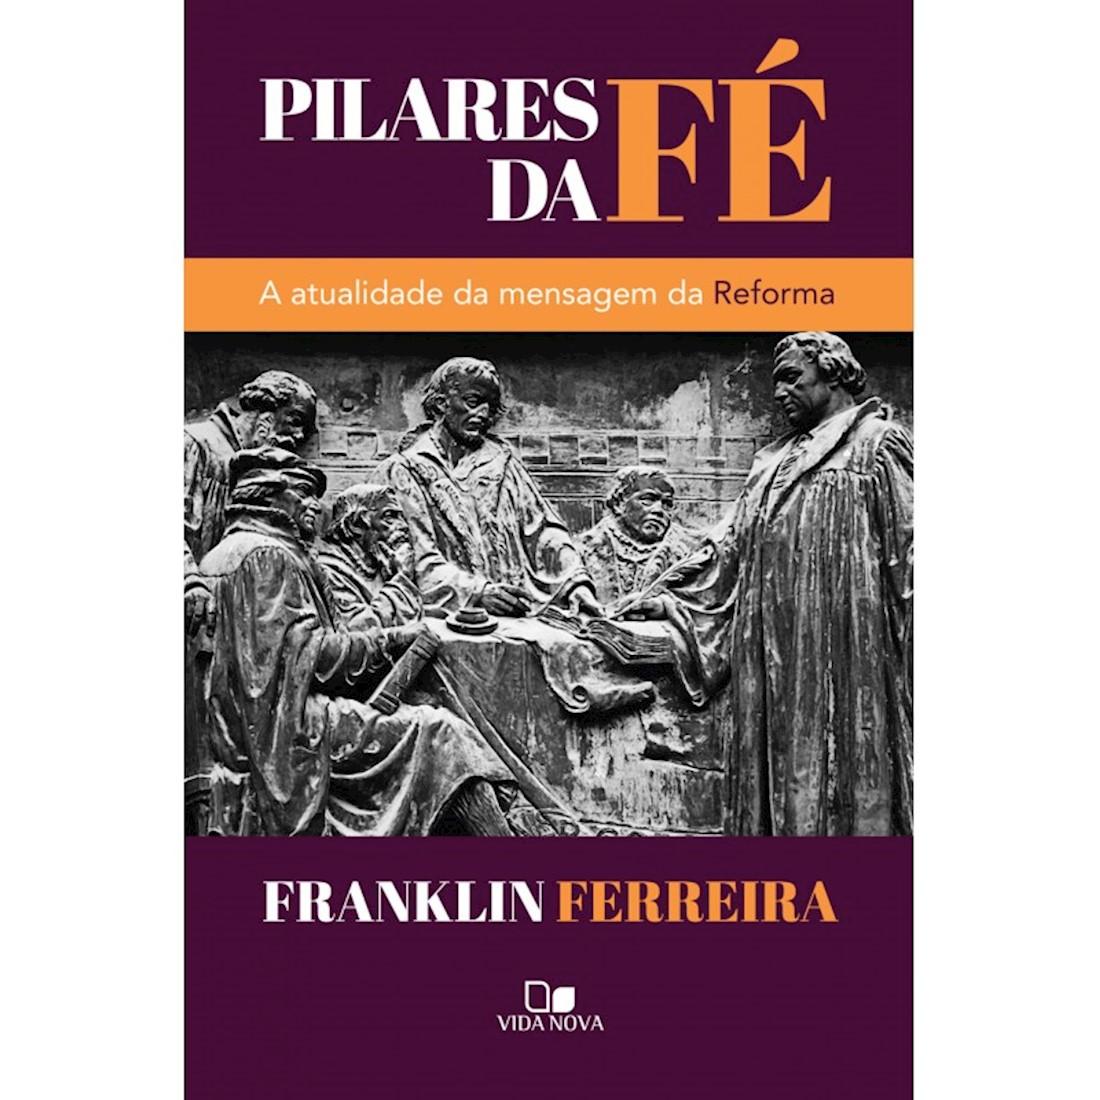 Livro Pilares da Fé